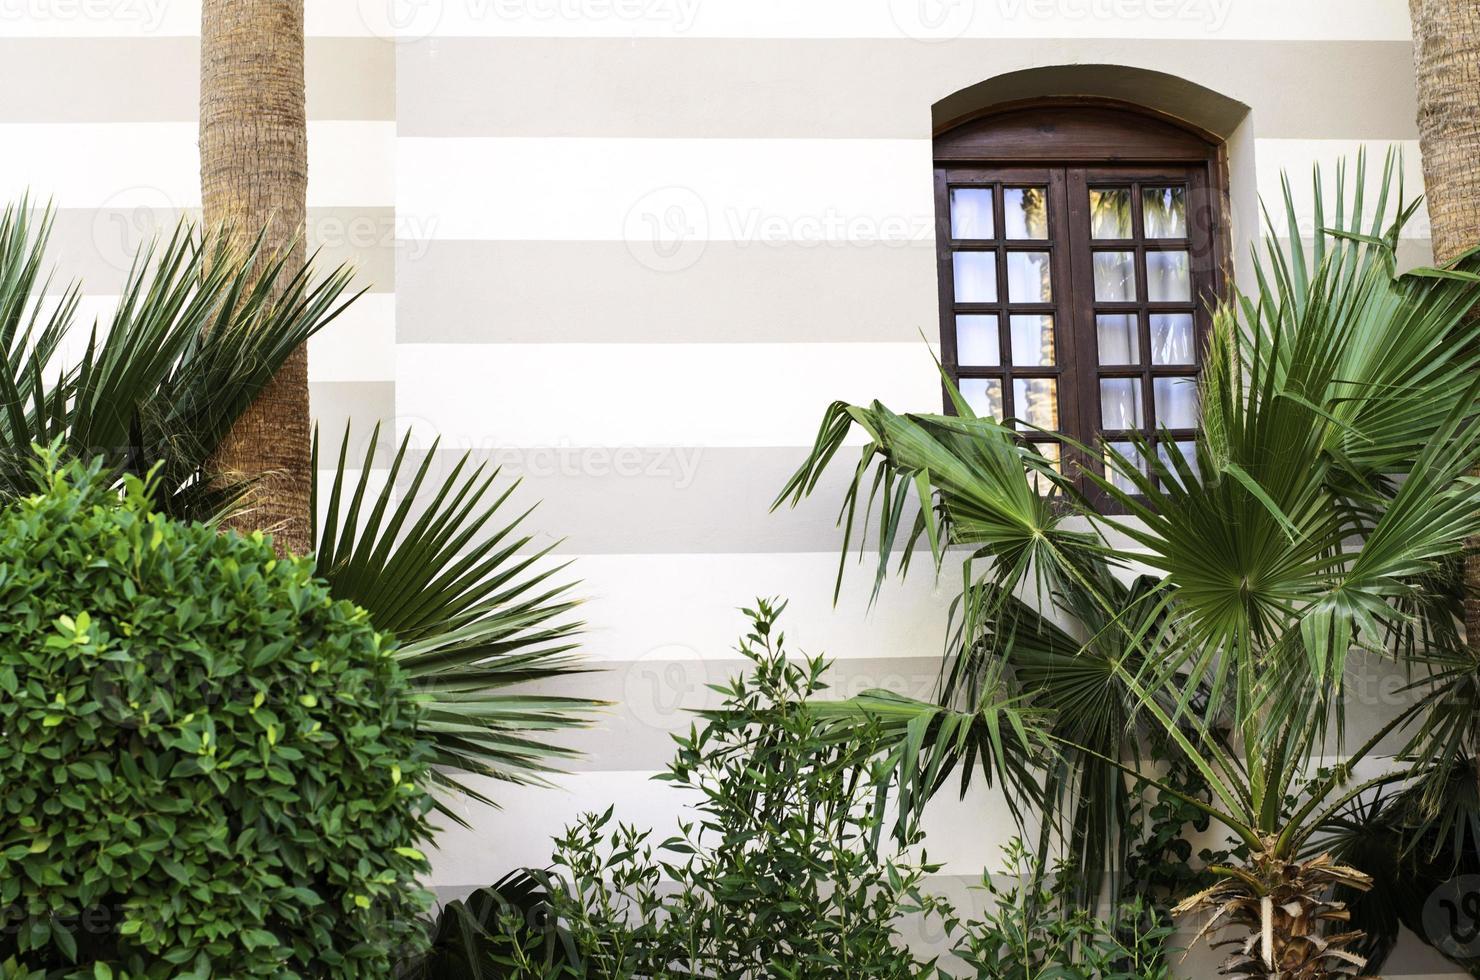 la ventana del edificio. foto